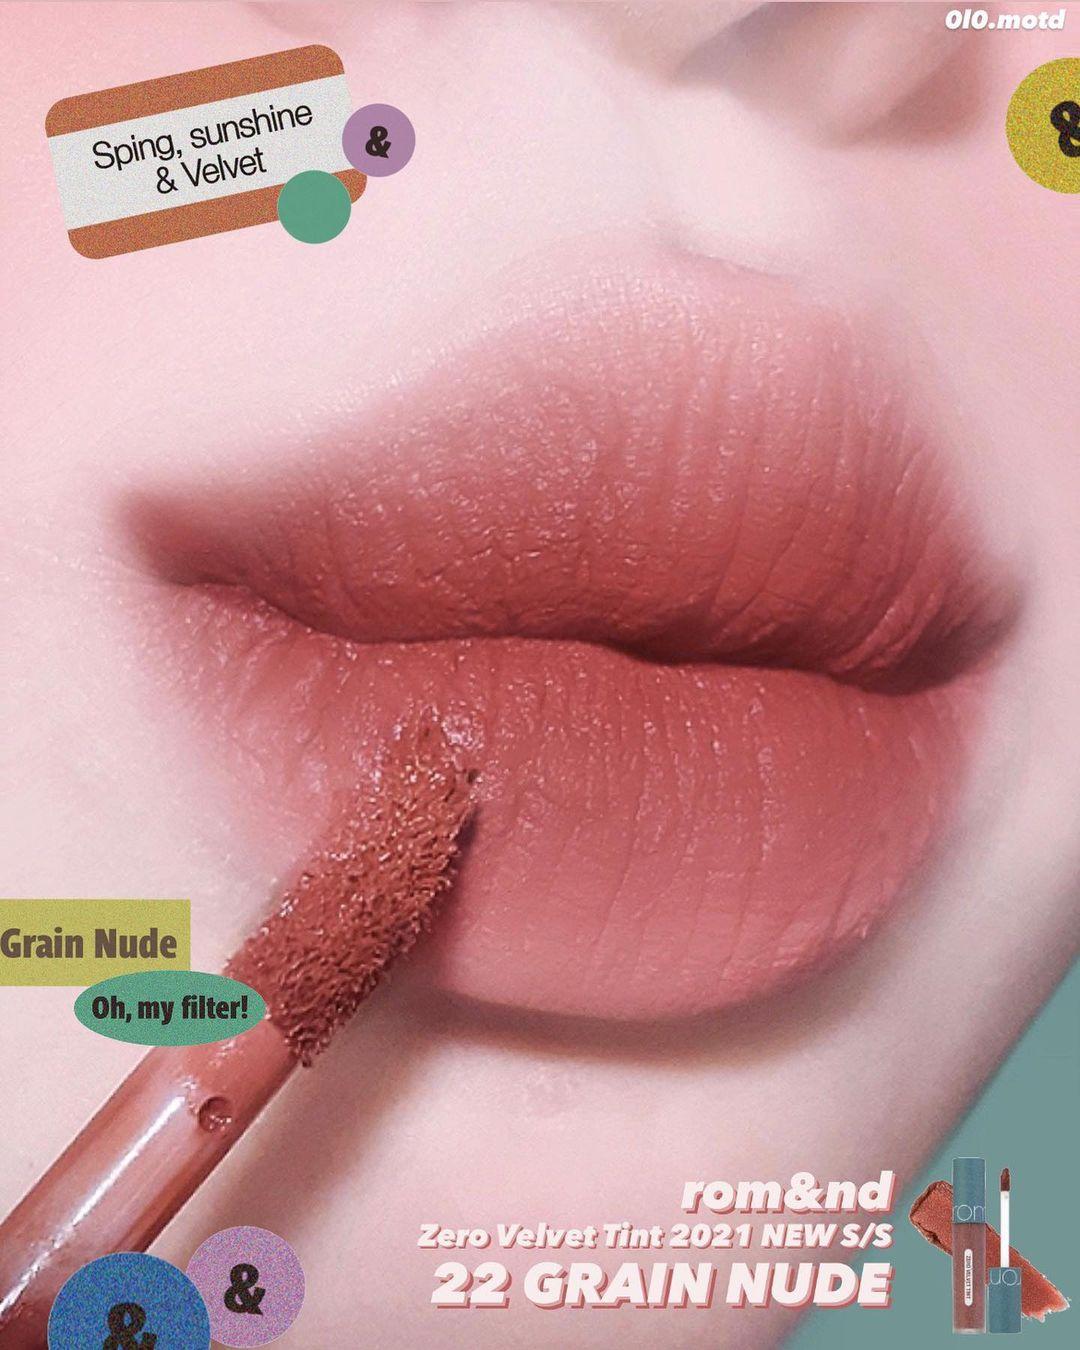 [ĐẶT HÀNG TRƯỚC 14/4 - Mua 1 Tặng 1] (Vintage Filter 2021 S/S)  Son Kem Lì Romand Zero Velvet Tint